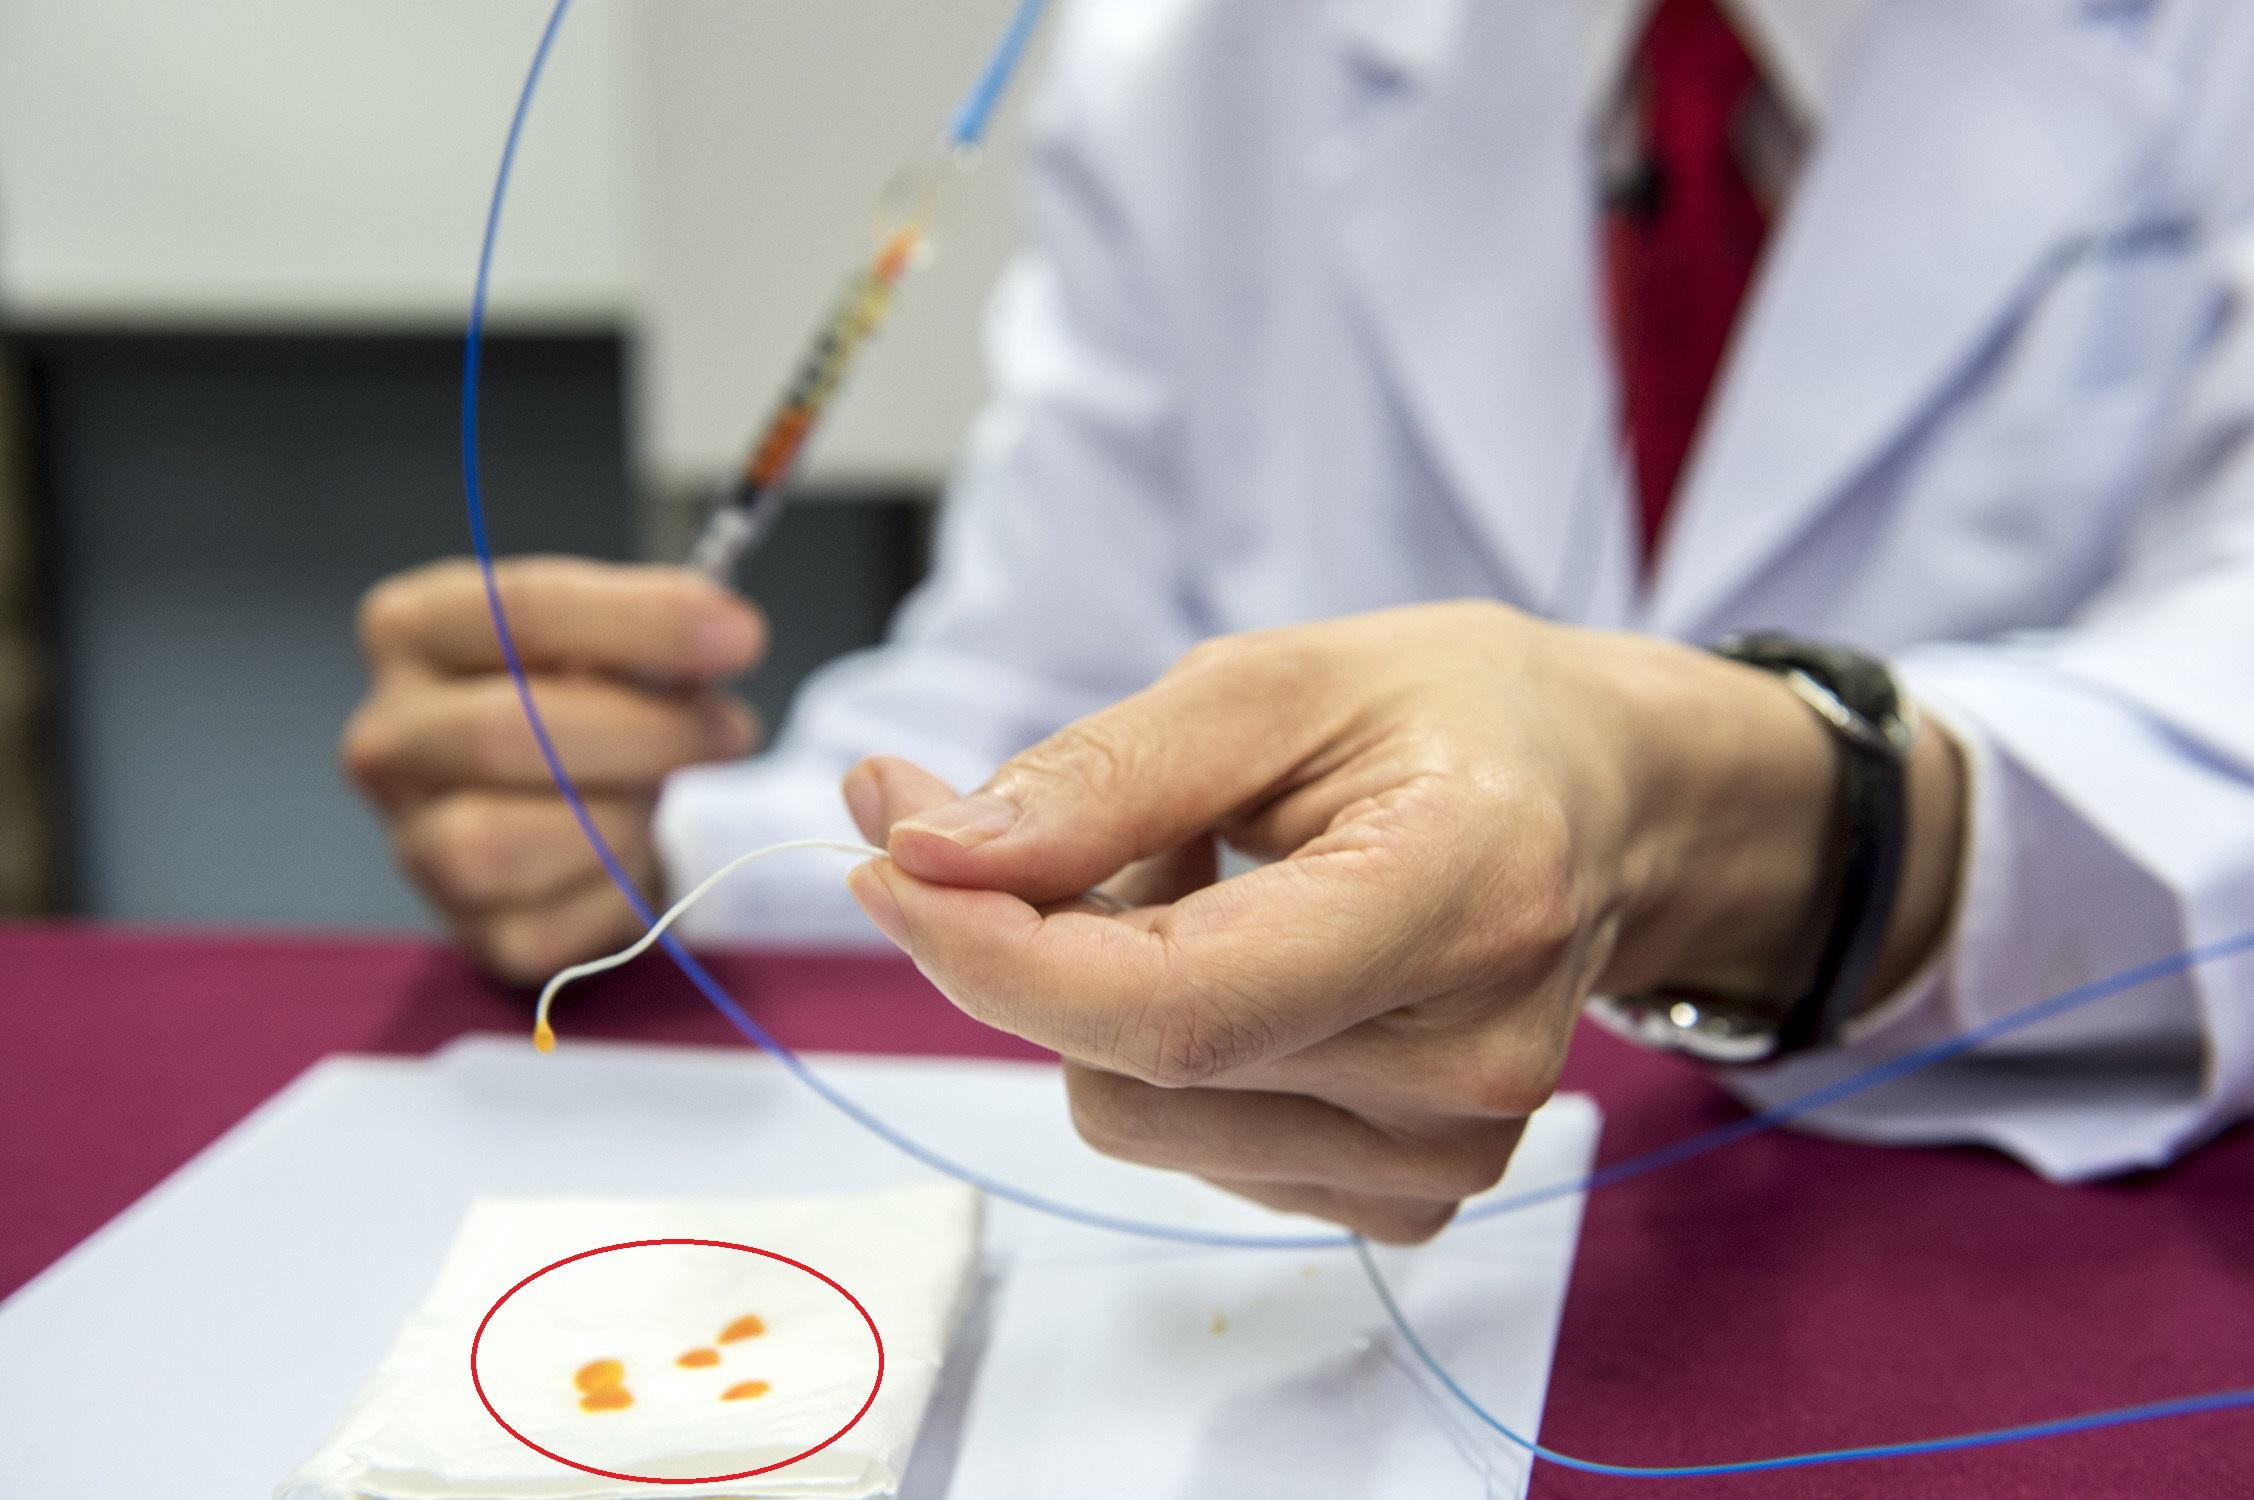 余教授展示栓塞術所使用的手術導管及特製微球(圖中紅圈所示的橙色粒子)。特製微球每粒直徑約只有100-300微米,用以堵塞前列腺的微血管。